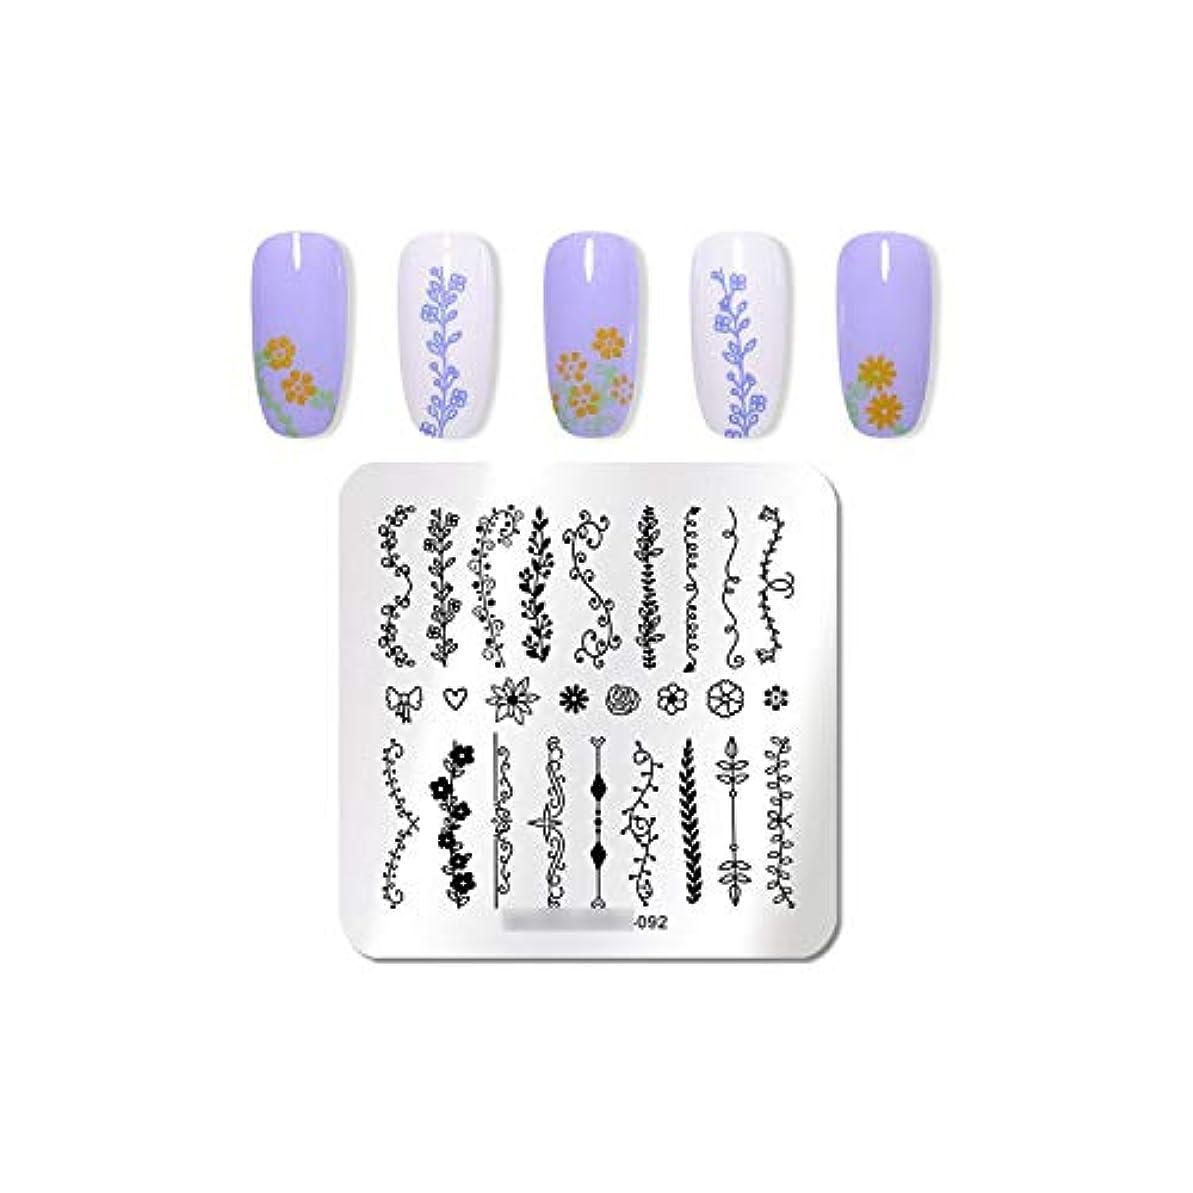 オペレーターバドミントンその間植物ネイルスタンピングプレートアイスクリームイメージスタンプテンプレート花ネイルアートステンシルマニキュア印刷ツール,92